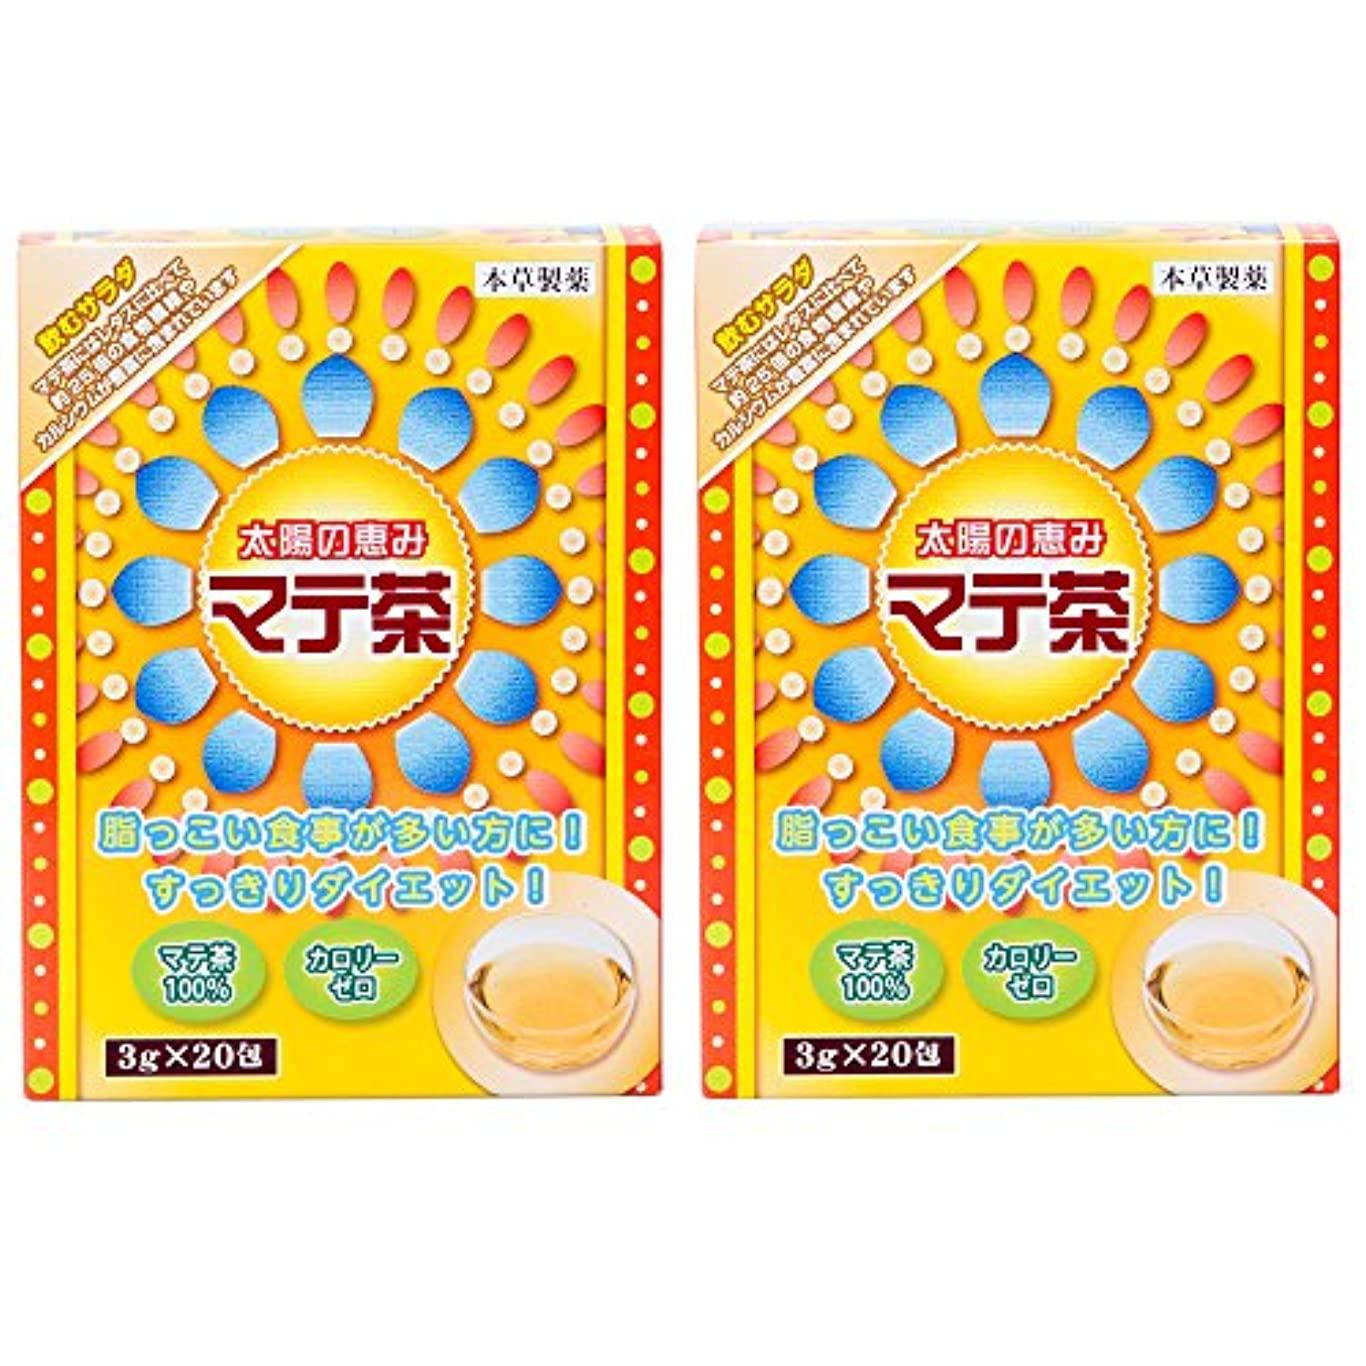 コミットメント道麺本草製薬 マテ茶 2個セット